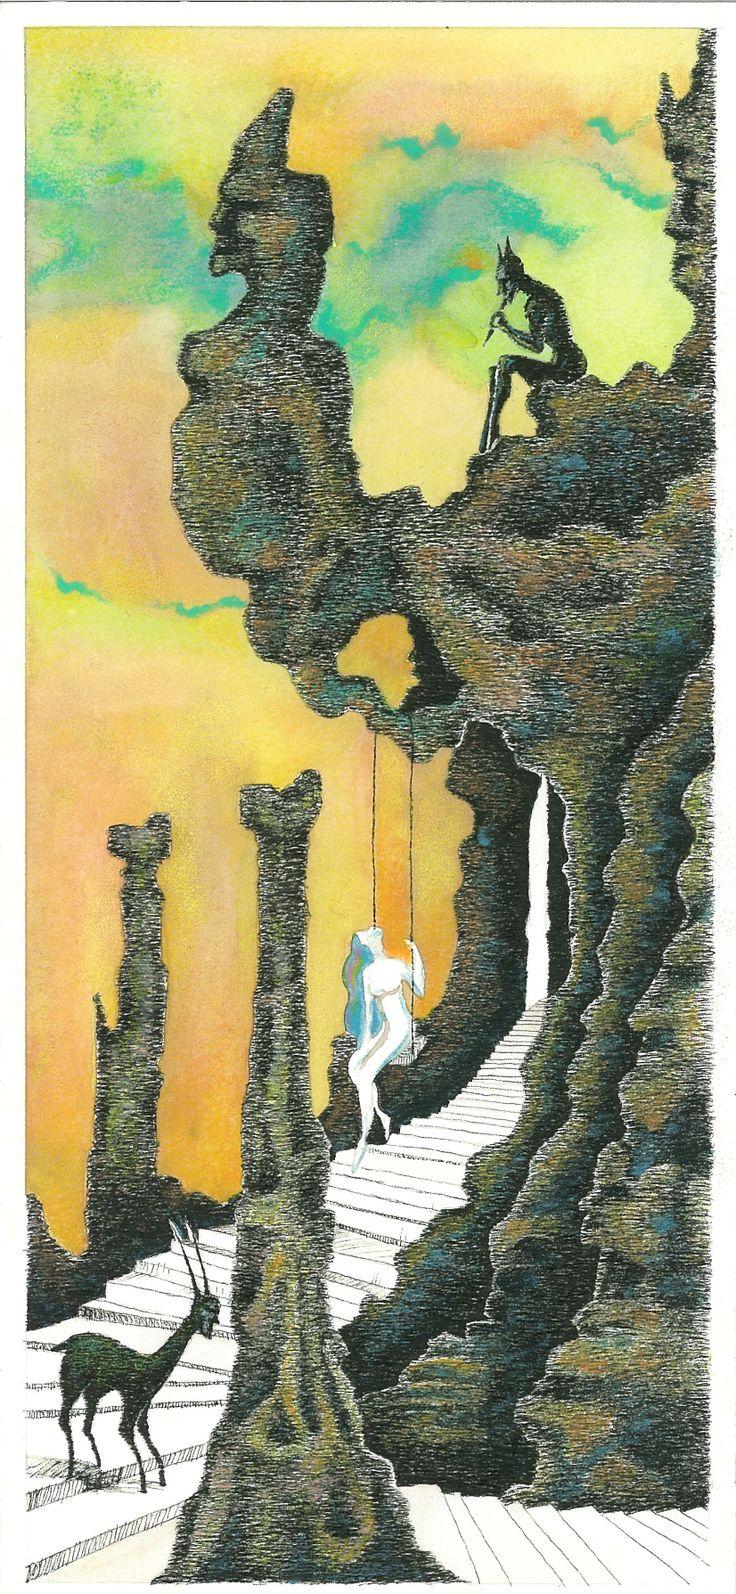 """""""L'Apres Midi d'un Faune"""", 2013  3-Fiero il suono va parlando delle dee. China, acquerelli, pastelli a cera - Ink, watercolors, wax crayons."""